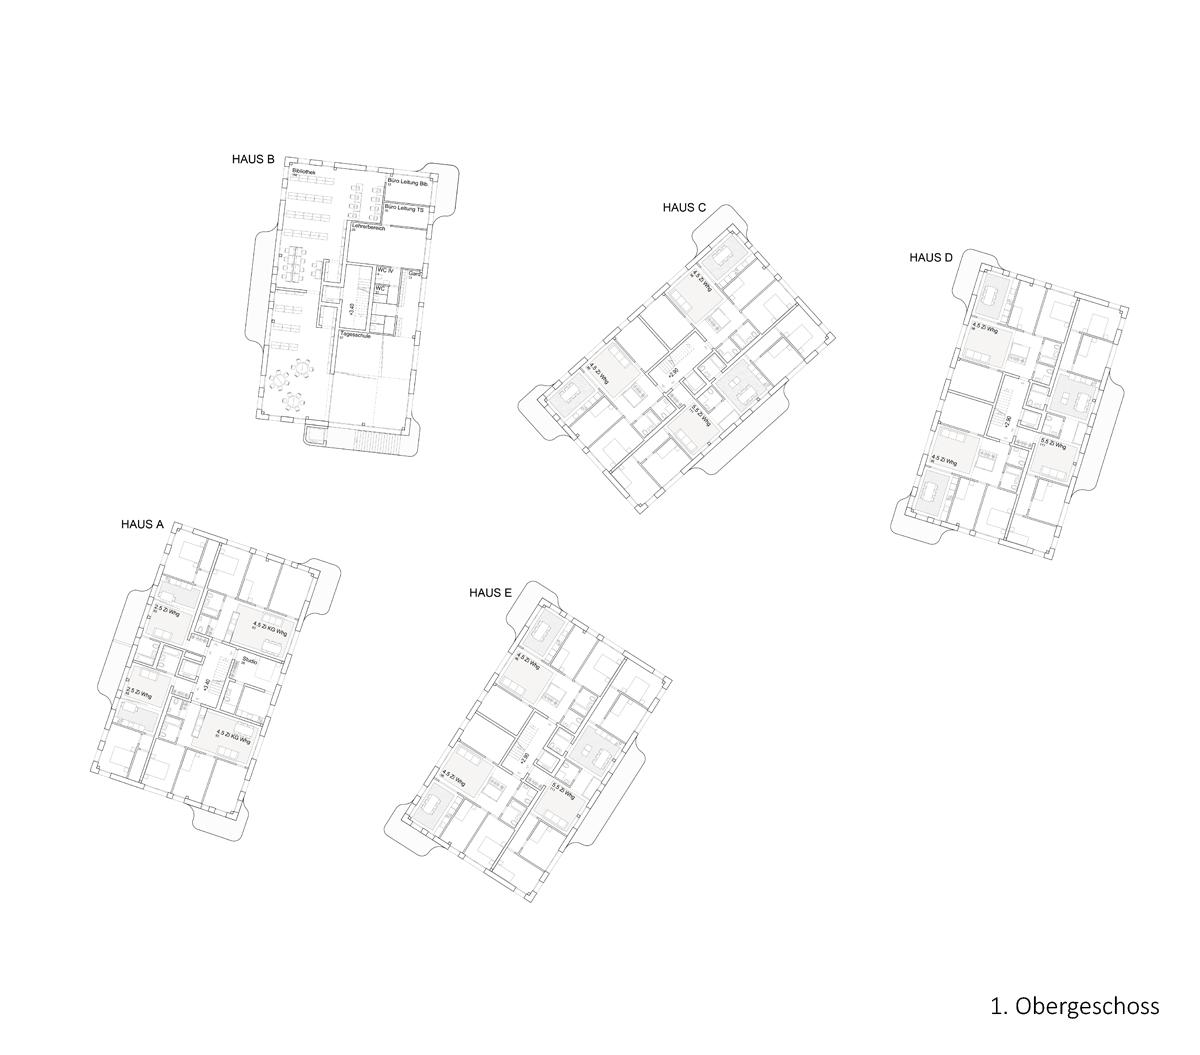 Offizin für Architektur_offizin-a_offizina_Projekte_Wohnen_Reichenbachstrasse_1.OG.jpg